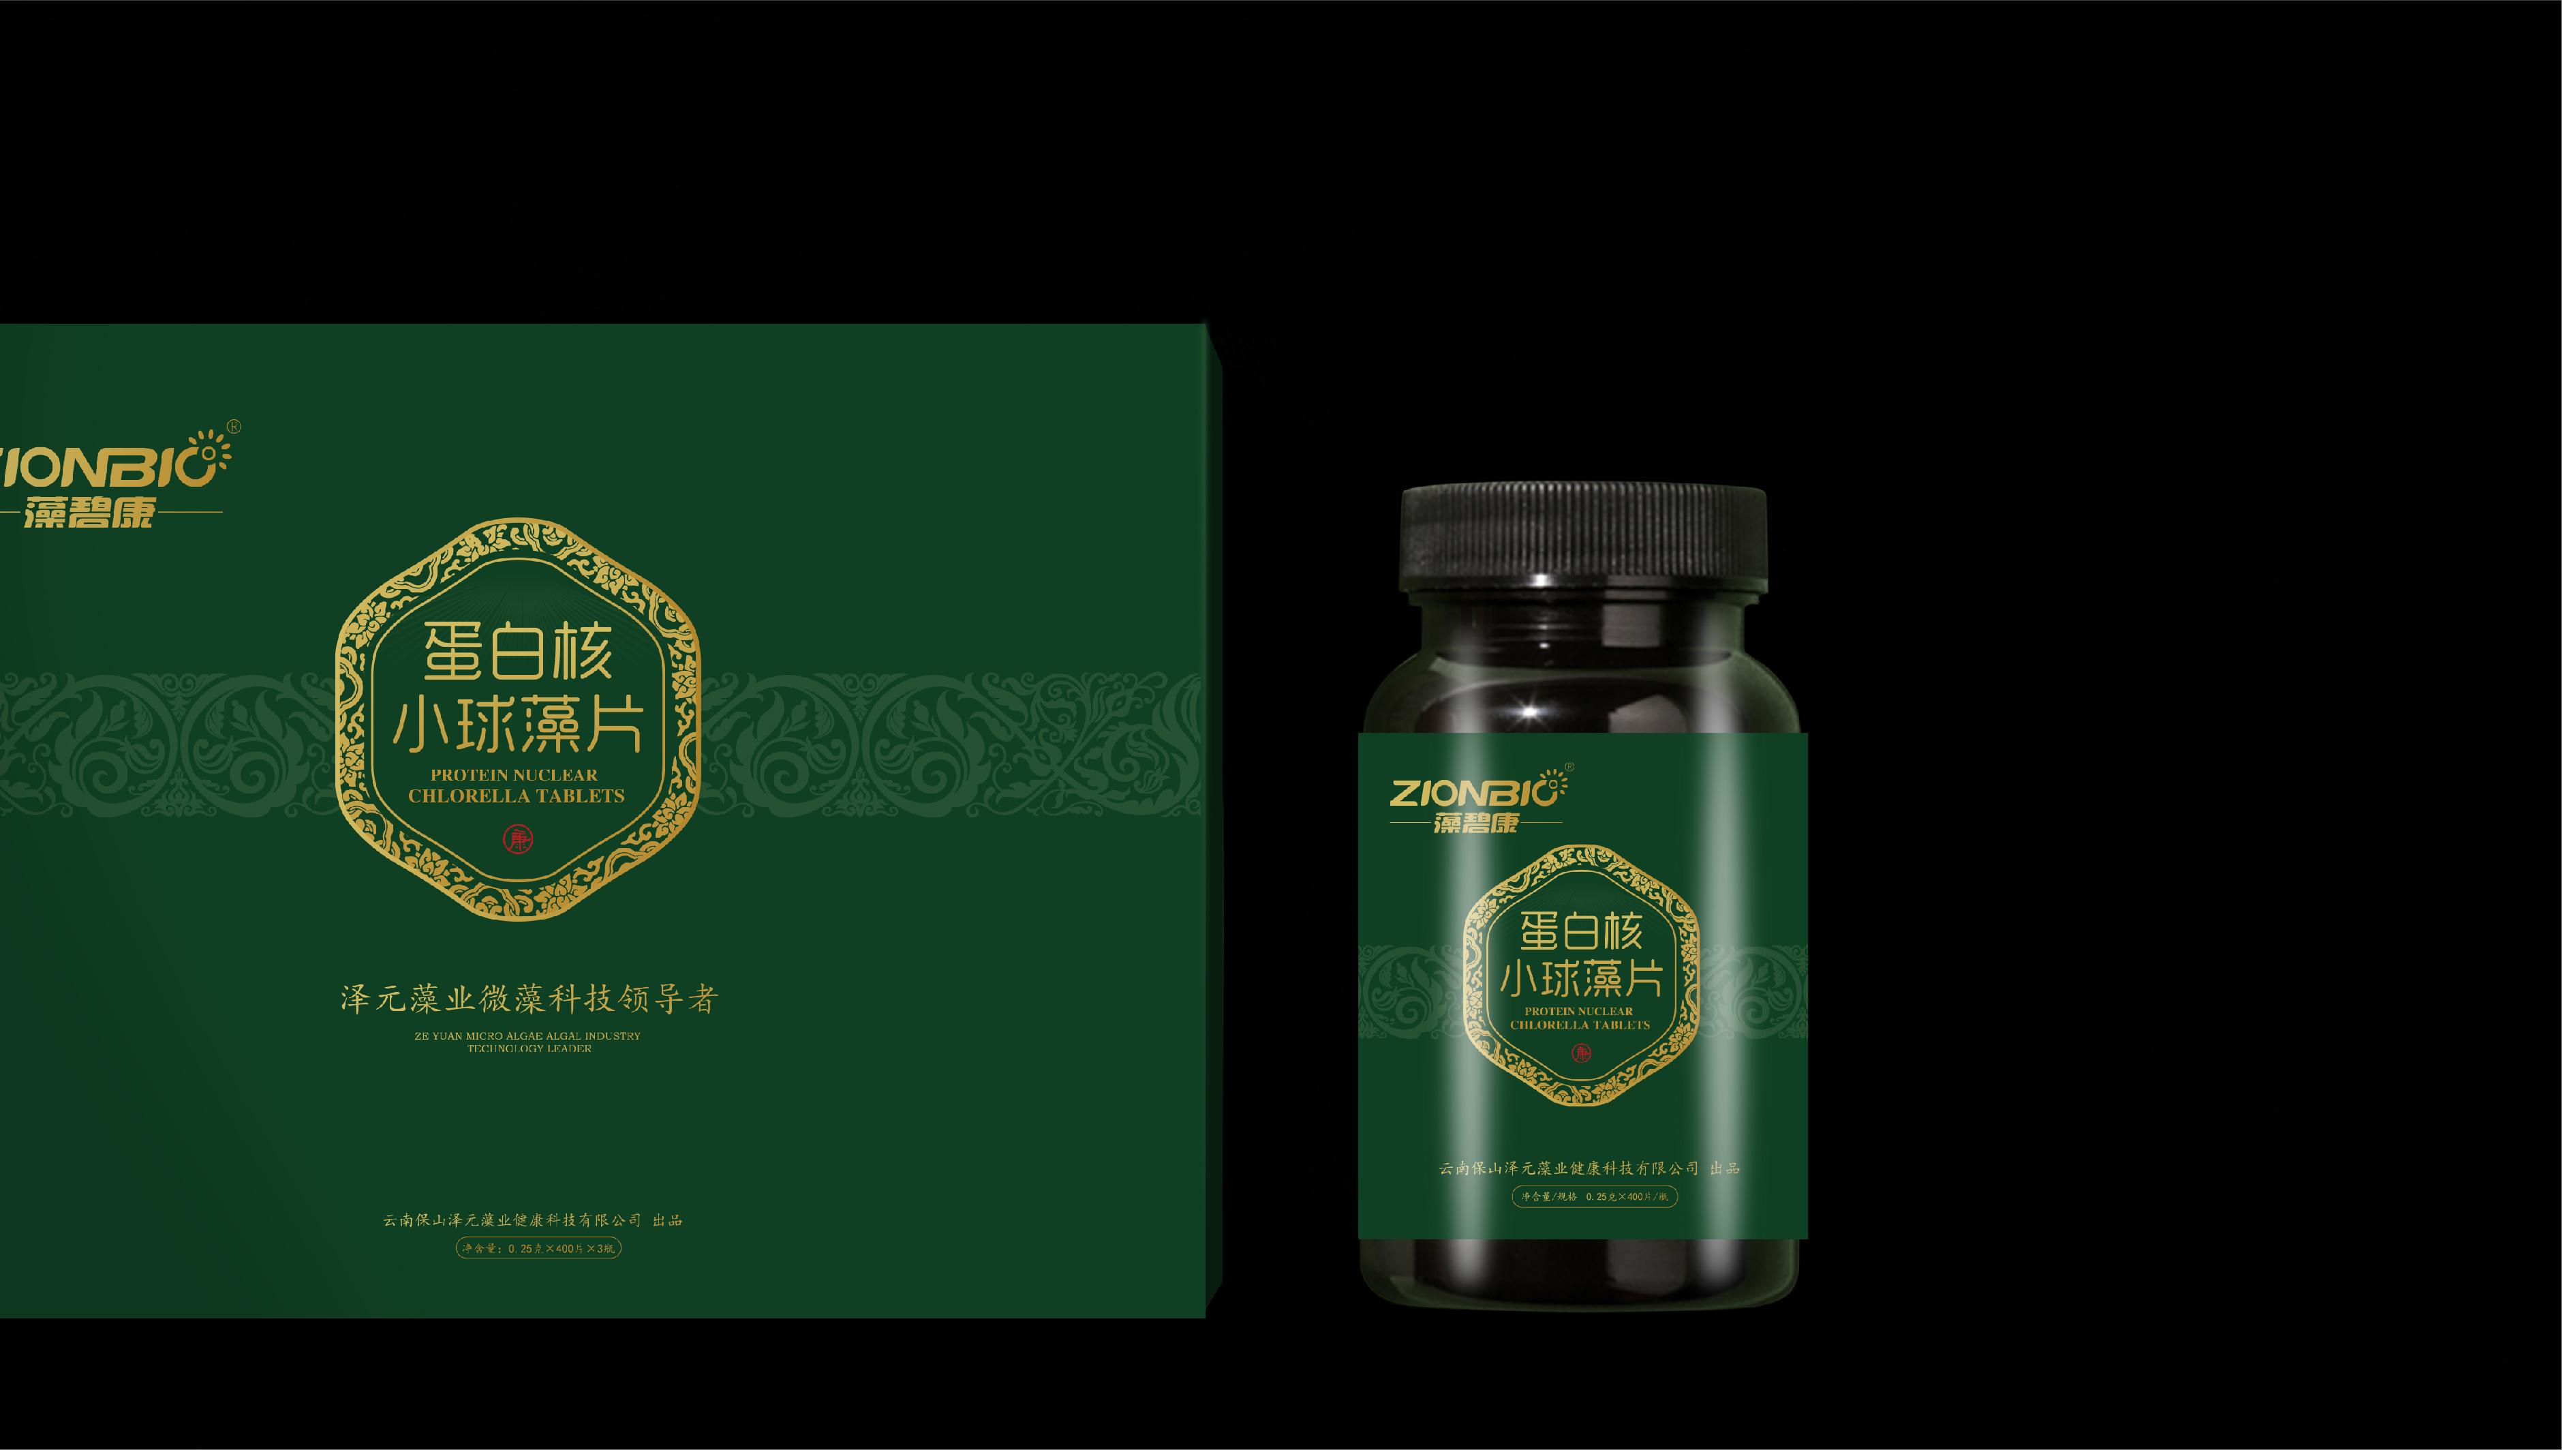 藻碧康品牌包裝設計